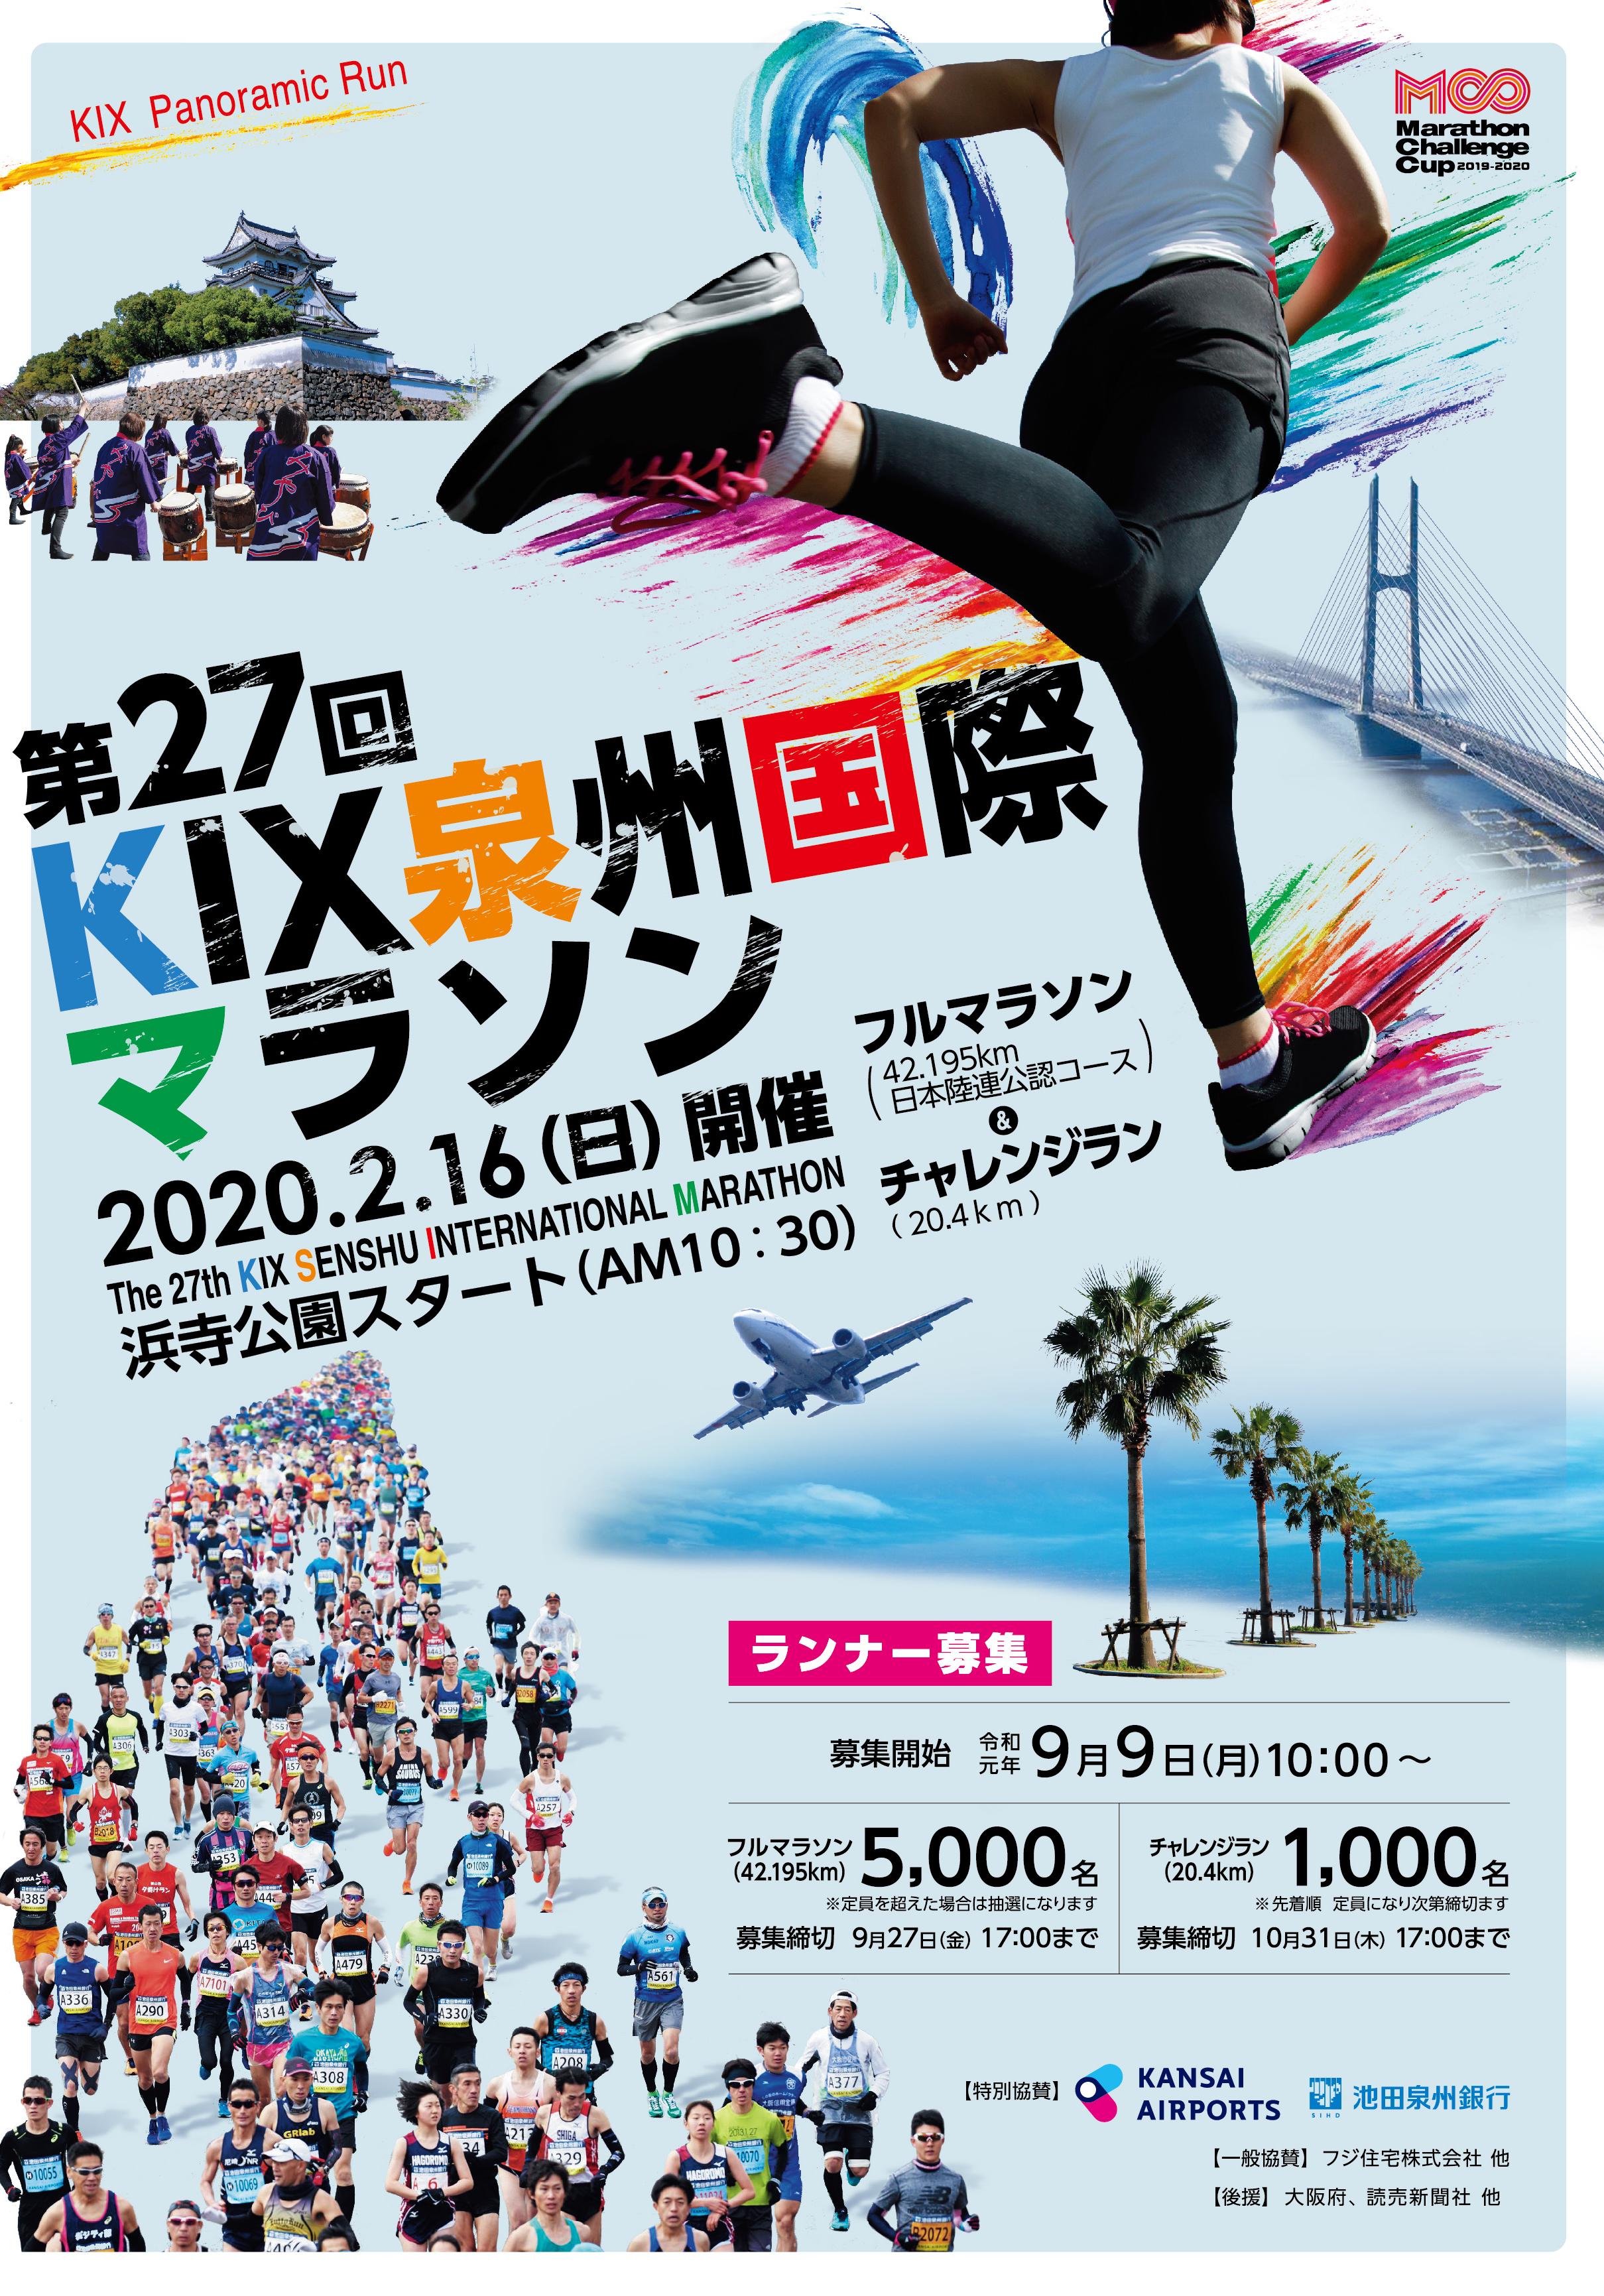 2020 泉州 国際 マラソン KIX泉州国際マラソン2020結果速報・日程コース